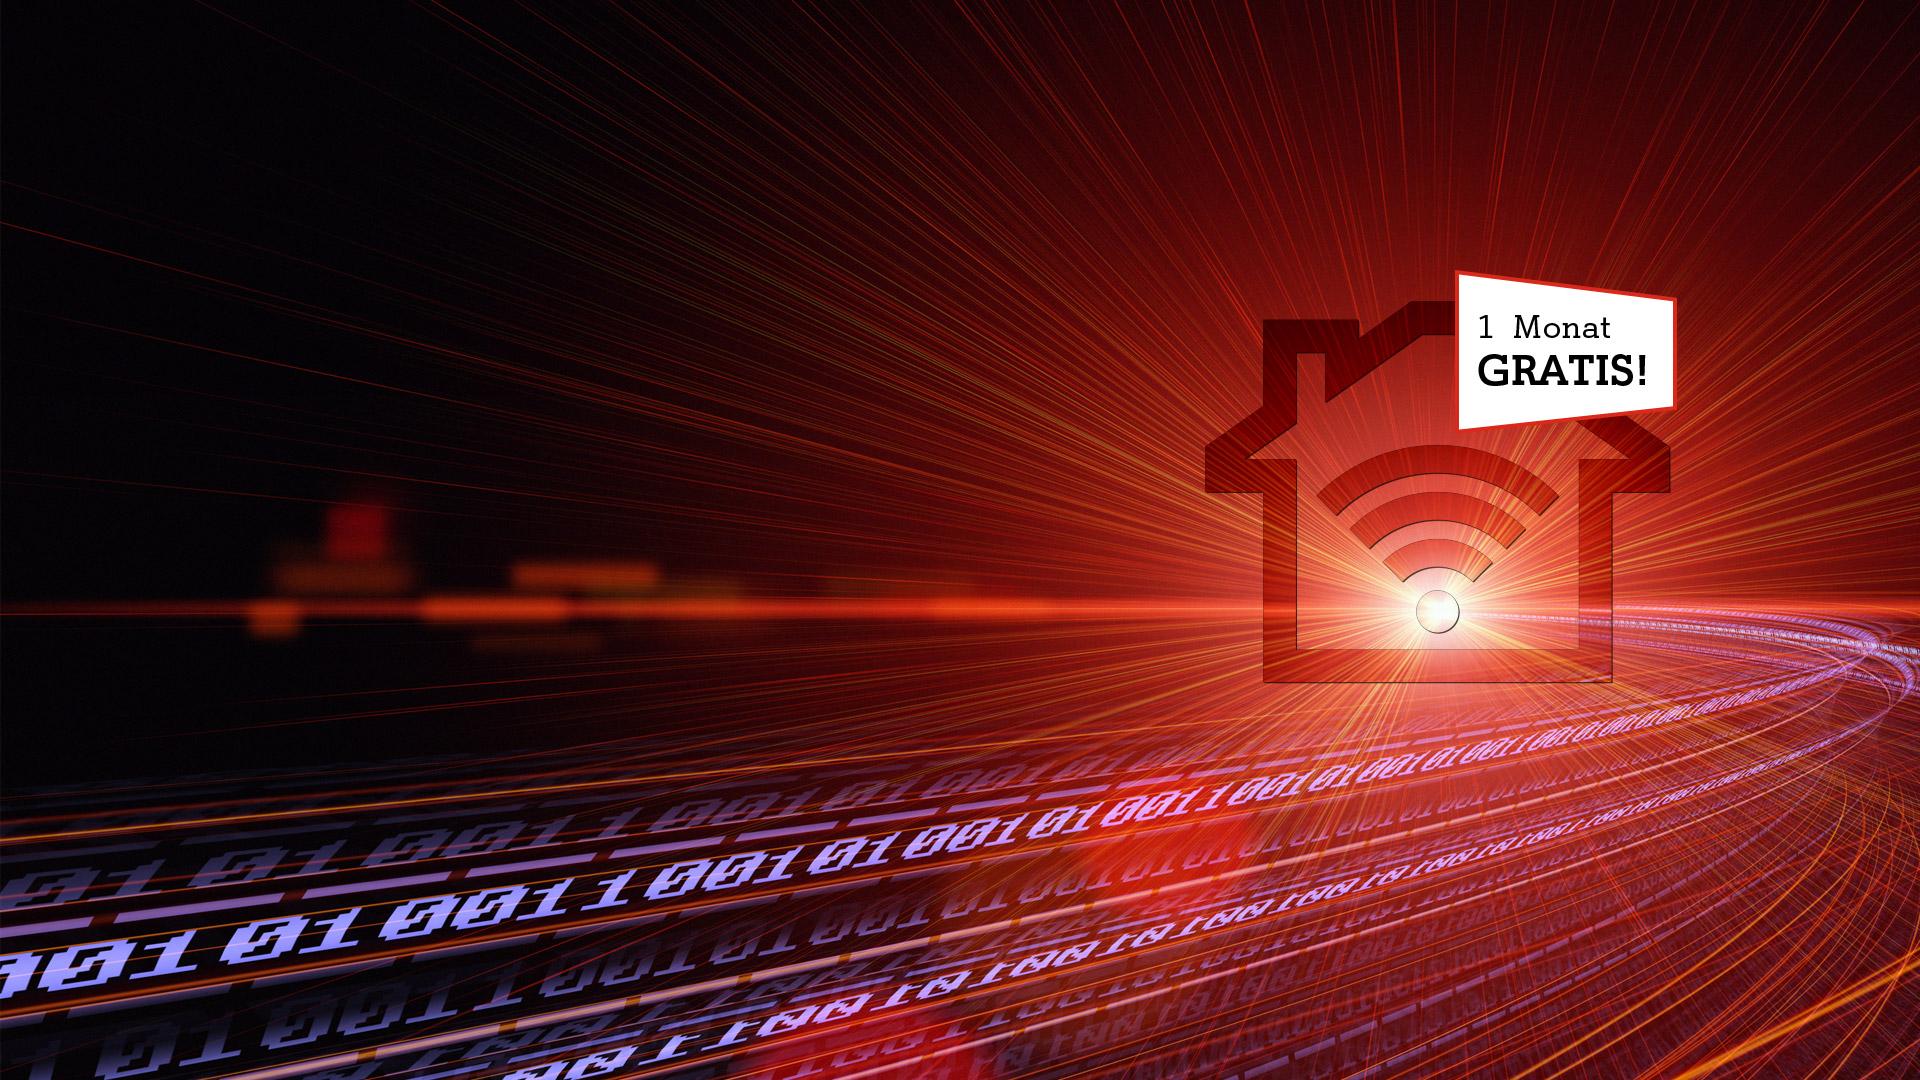 Glasfaser-Tunnel mit festnetz-Internet-Icon